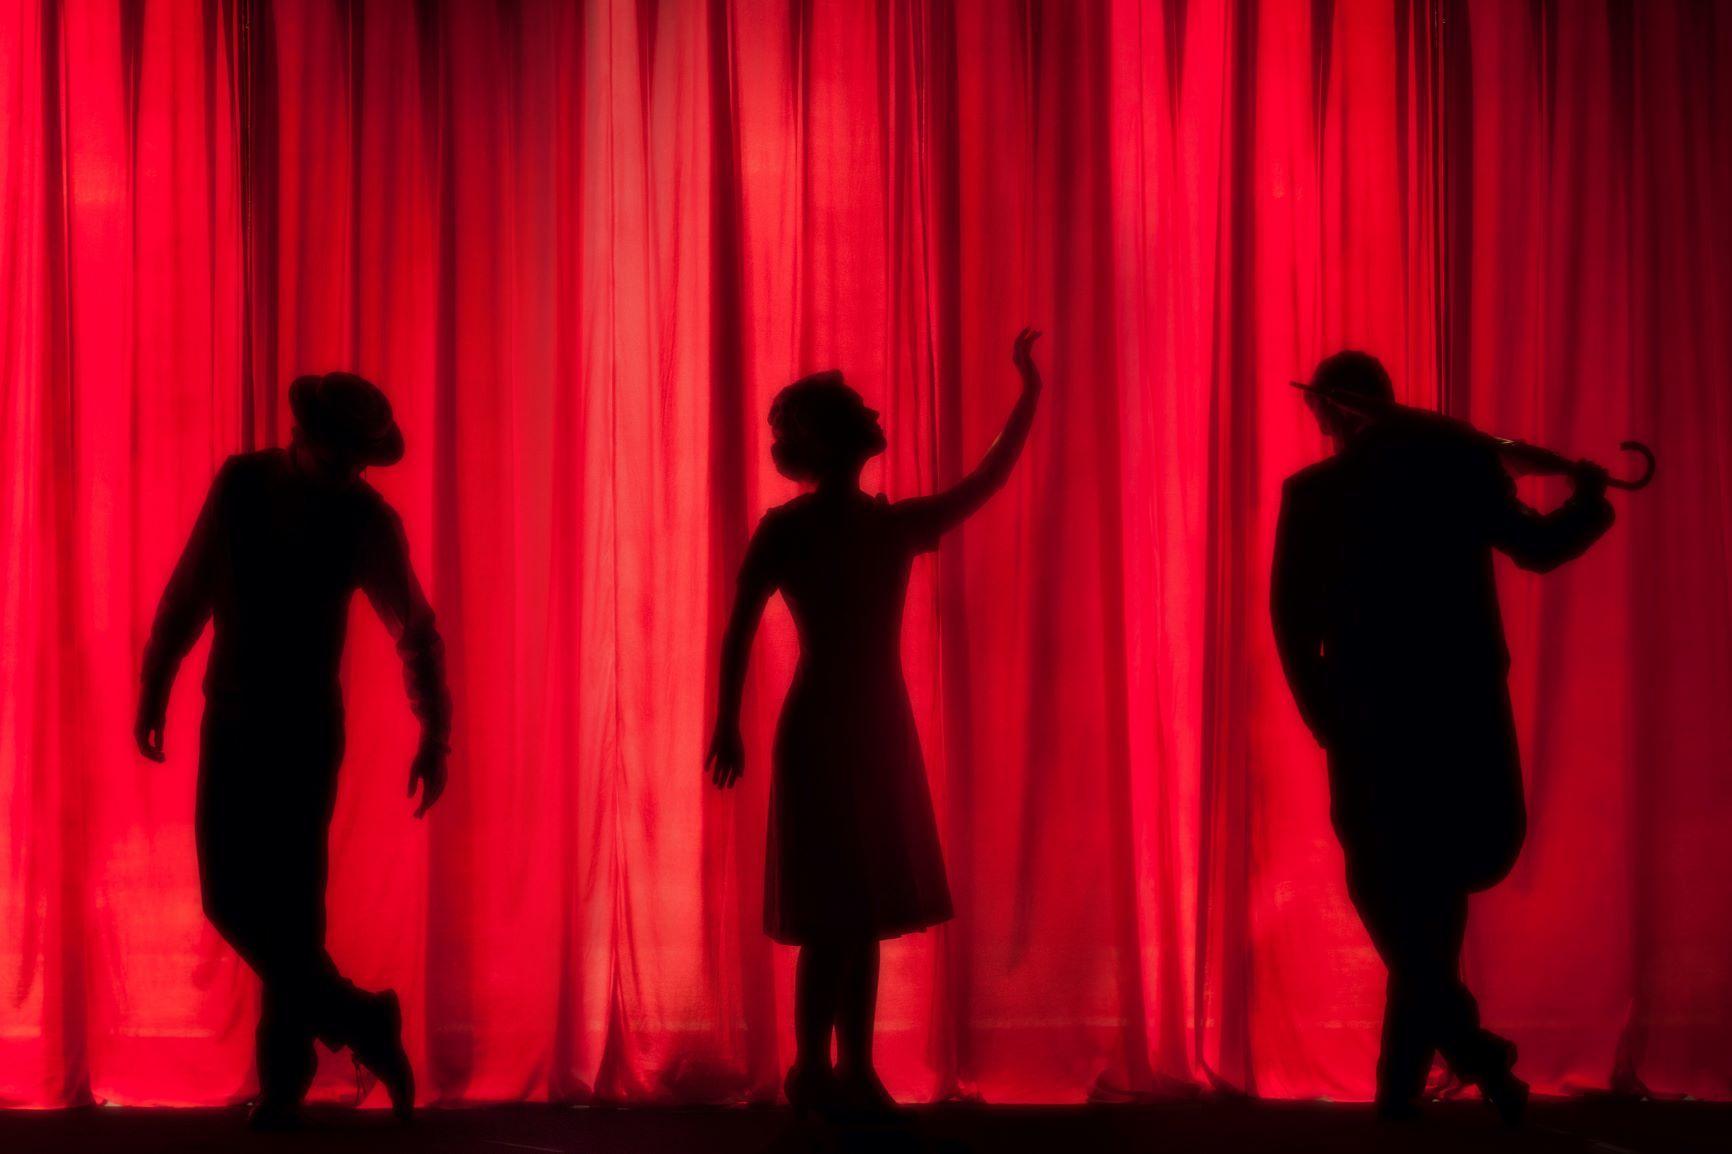 Theater silhouetten aangepast